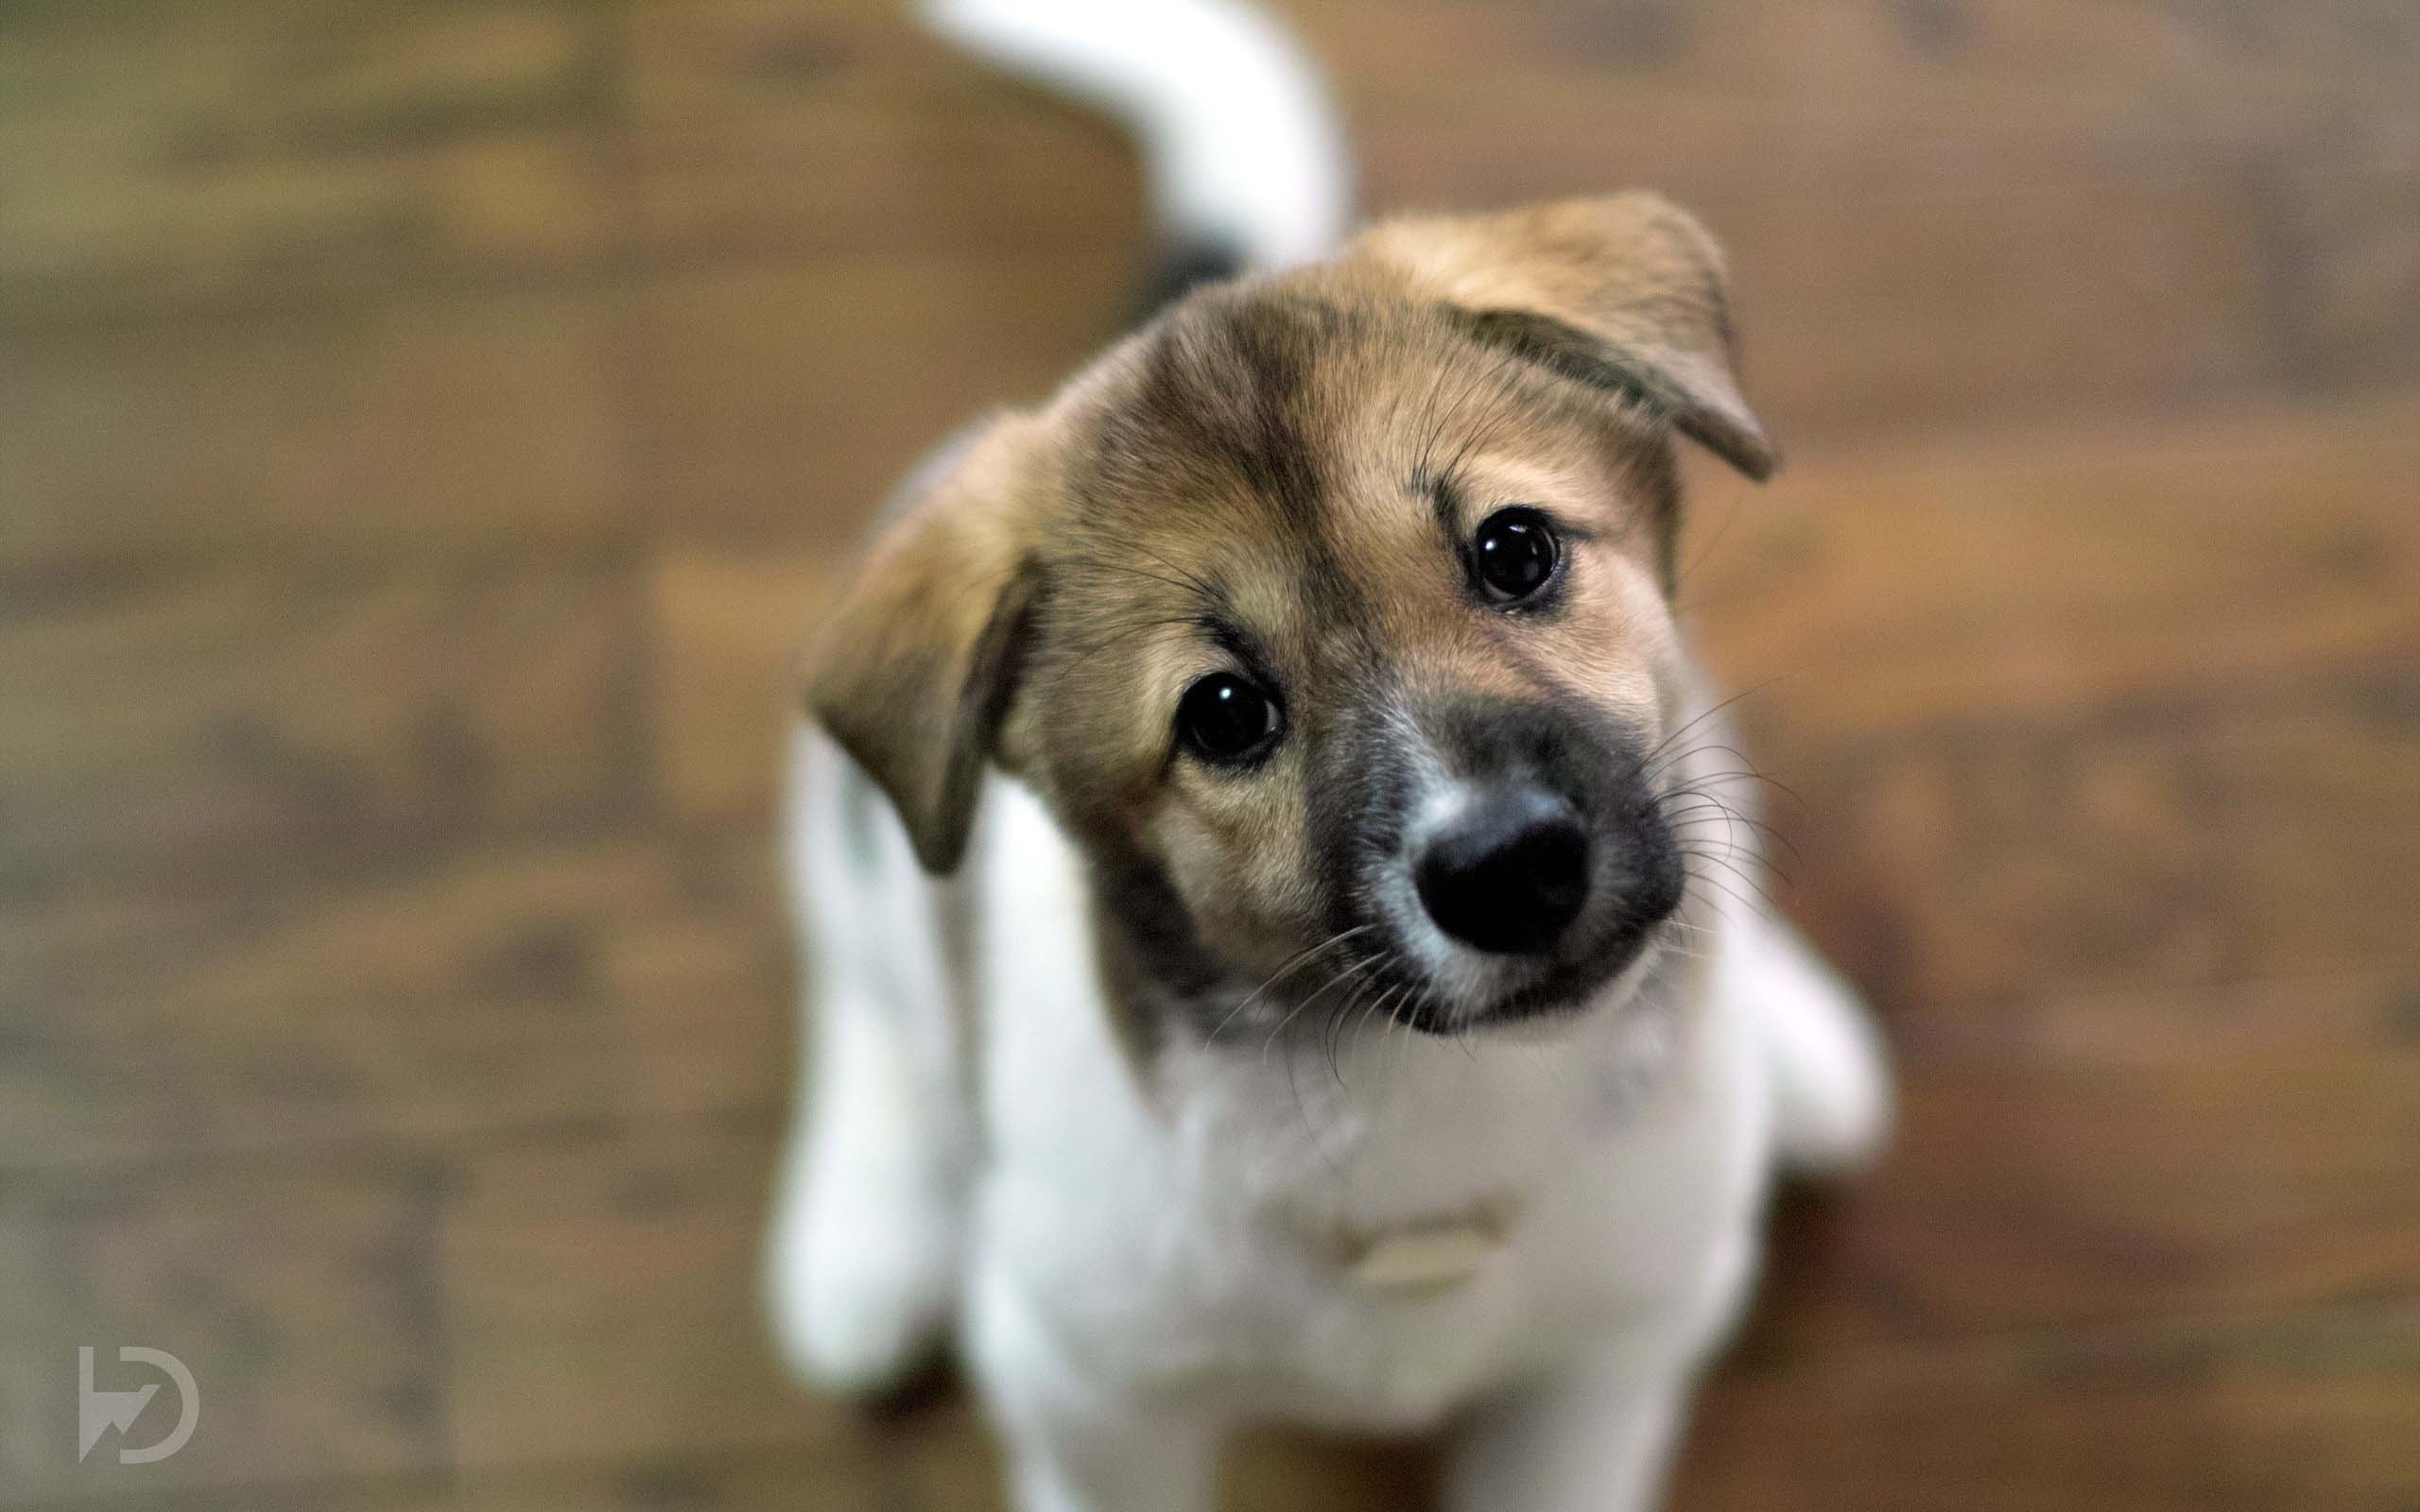 Cute Puppy Dog Hd Pics Dog Ideas